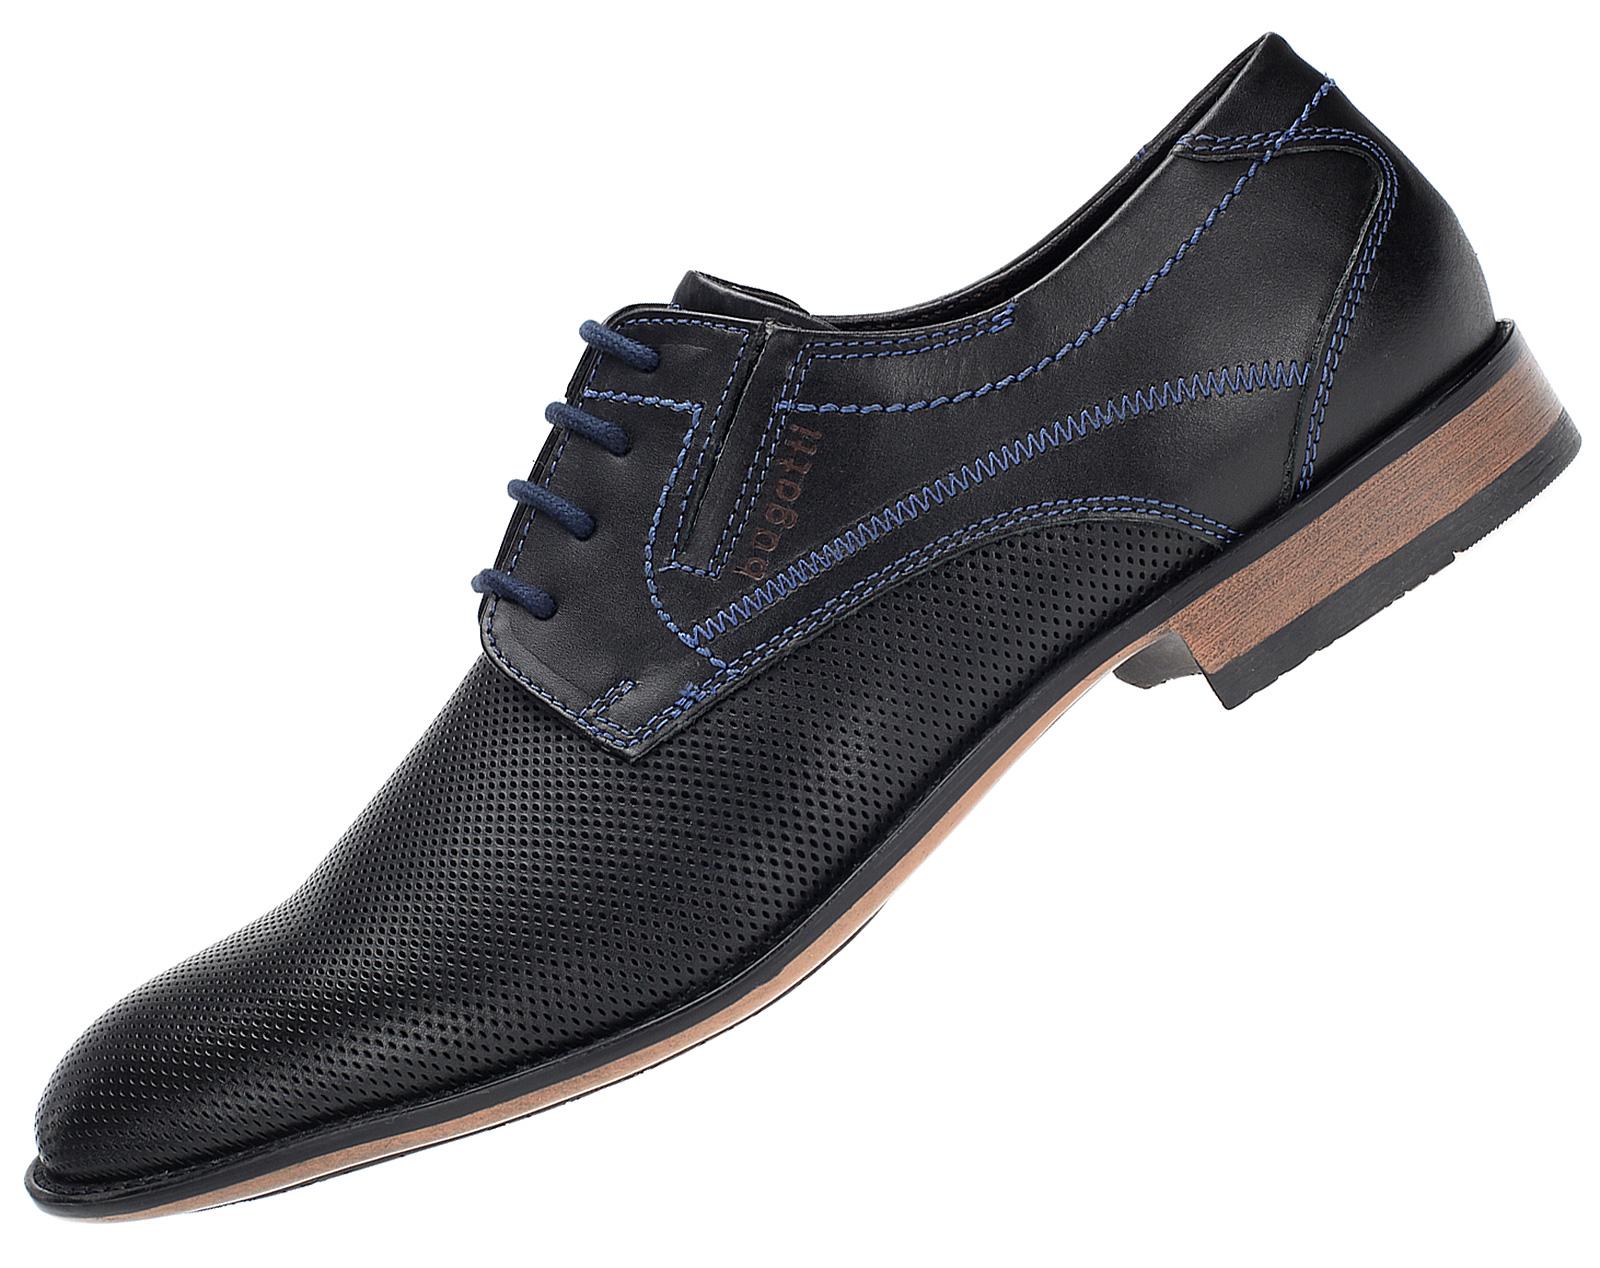 Details zu Bugatti Herren Business Schuhe Leder Derbys Halbschuhe Schnürer U7101 Schwarz